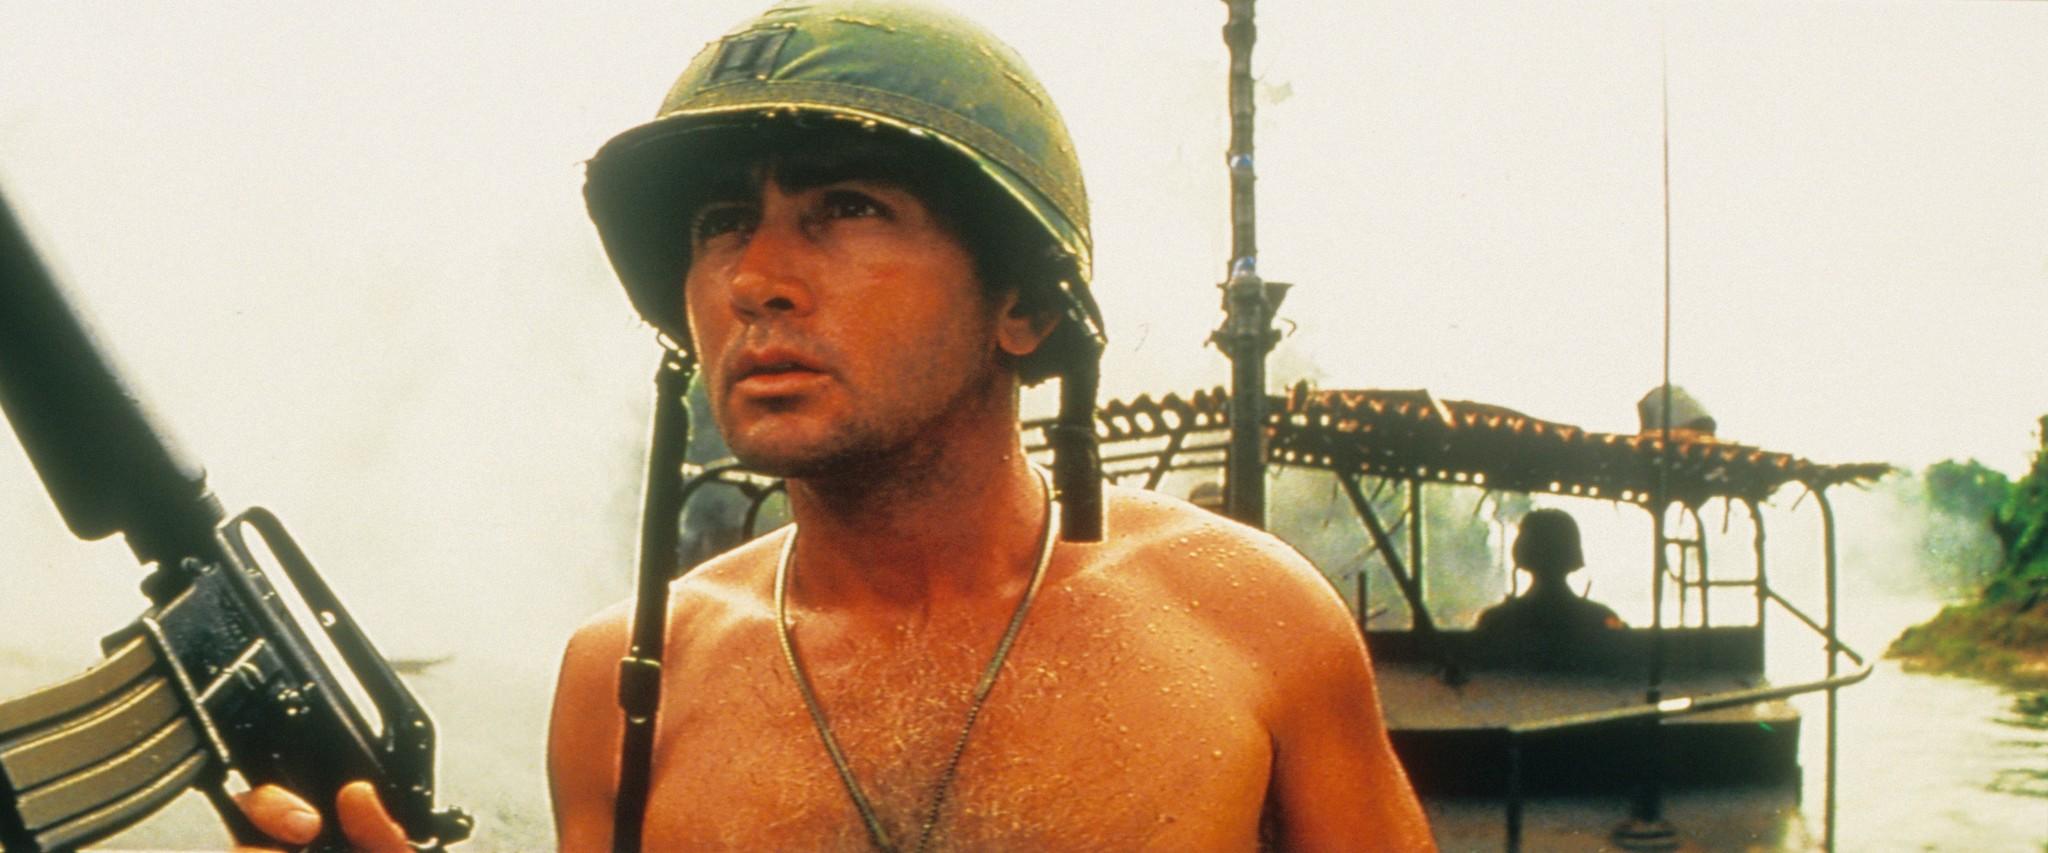 Martin Sheen in Apocalypse Now (1979)